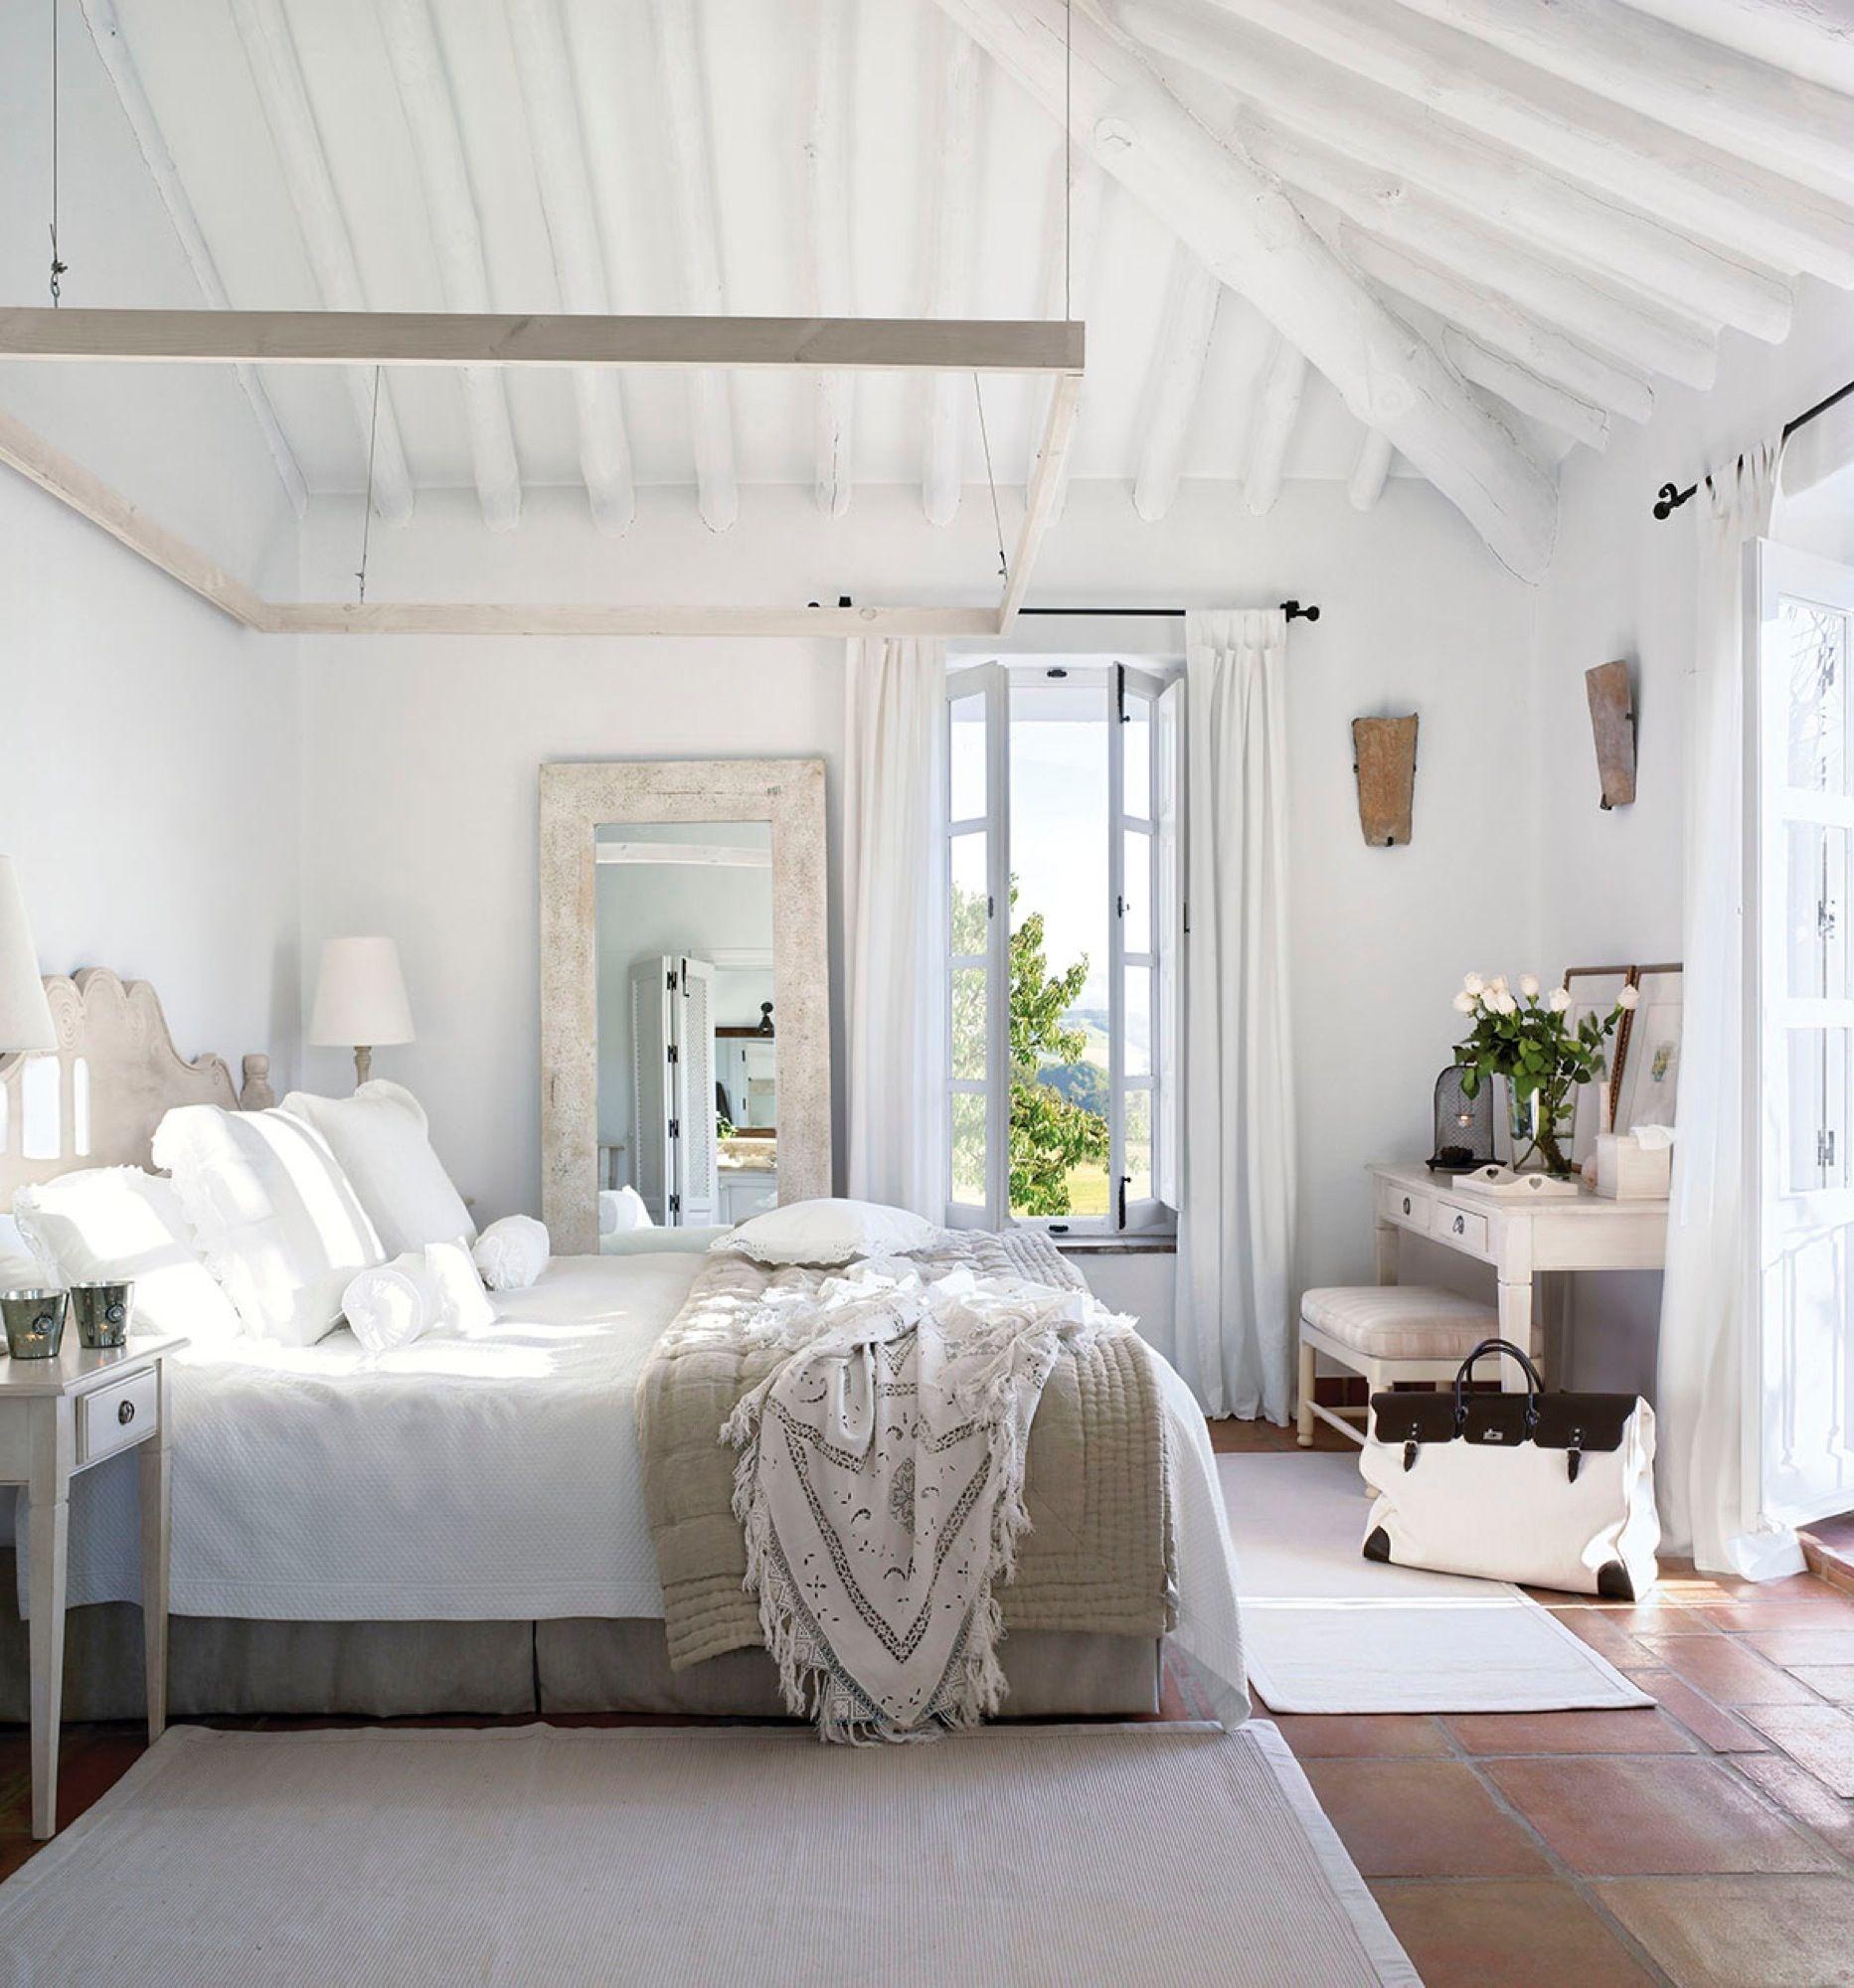 20 dormitorios r sticos con mucho encanto deco - Dormitorio con encanto ...